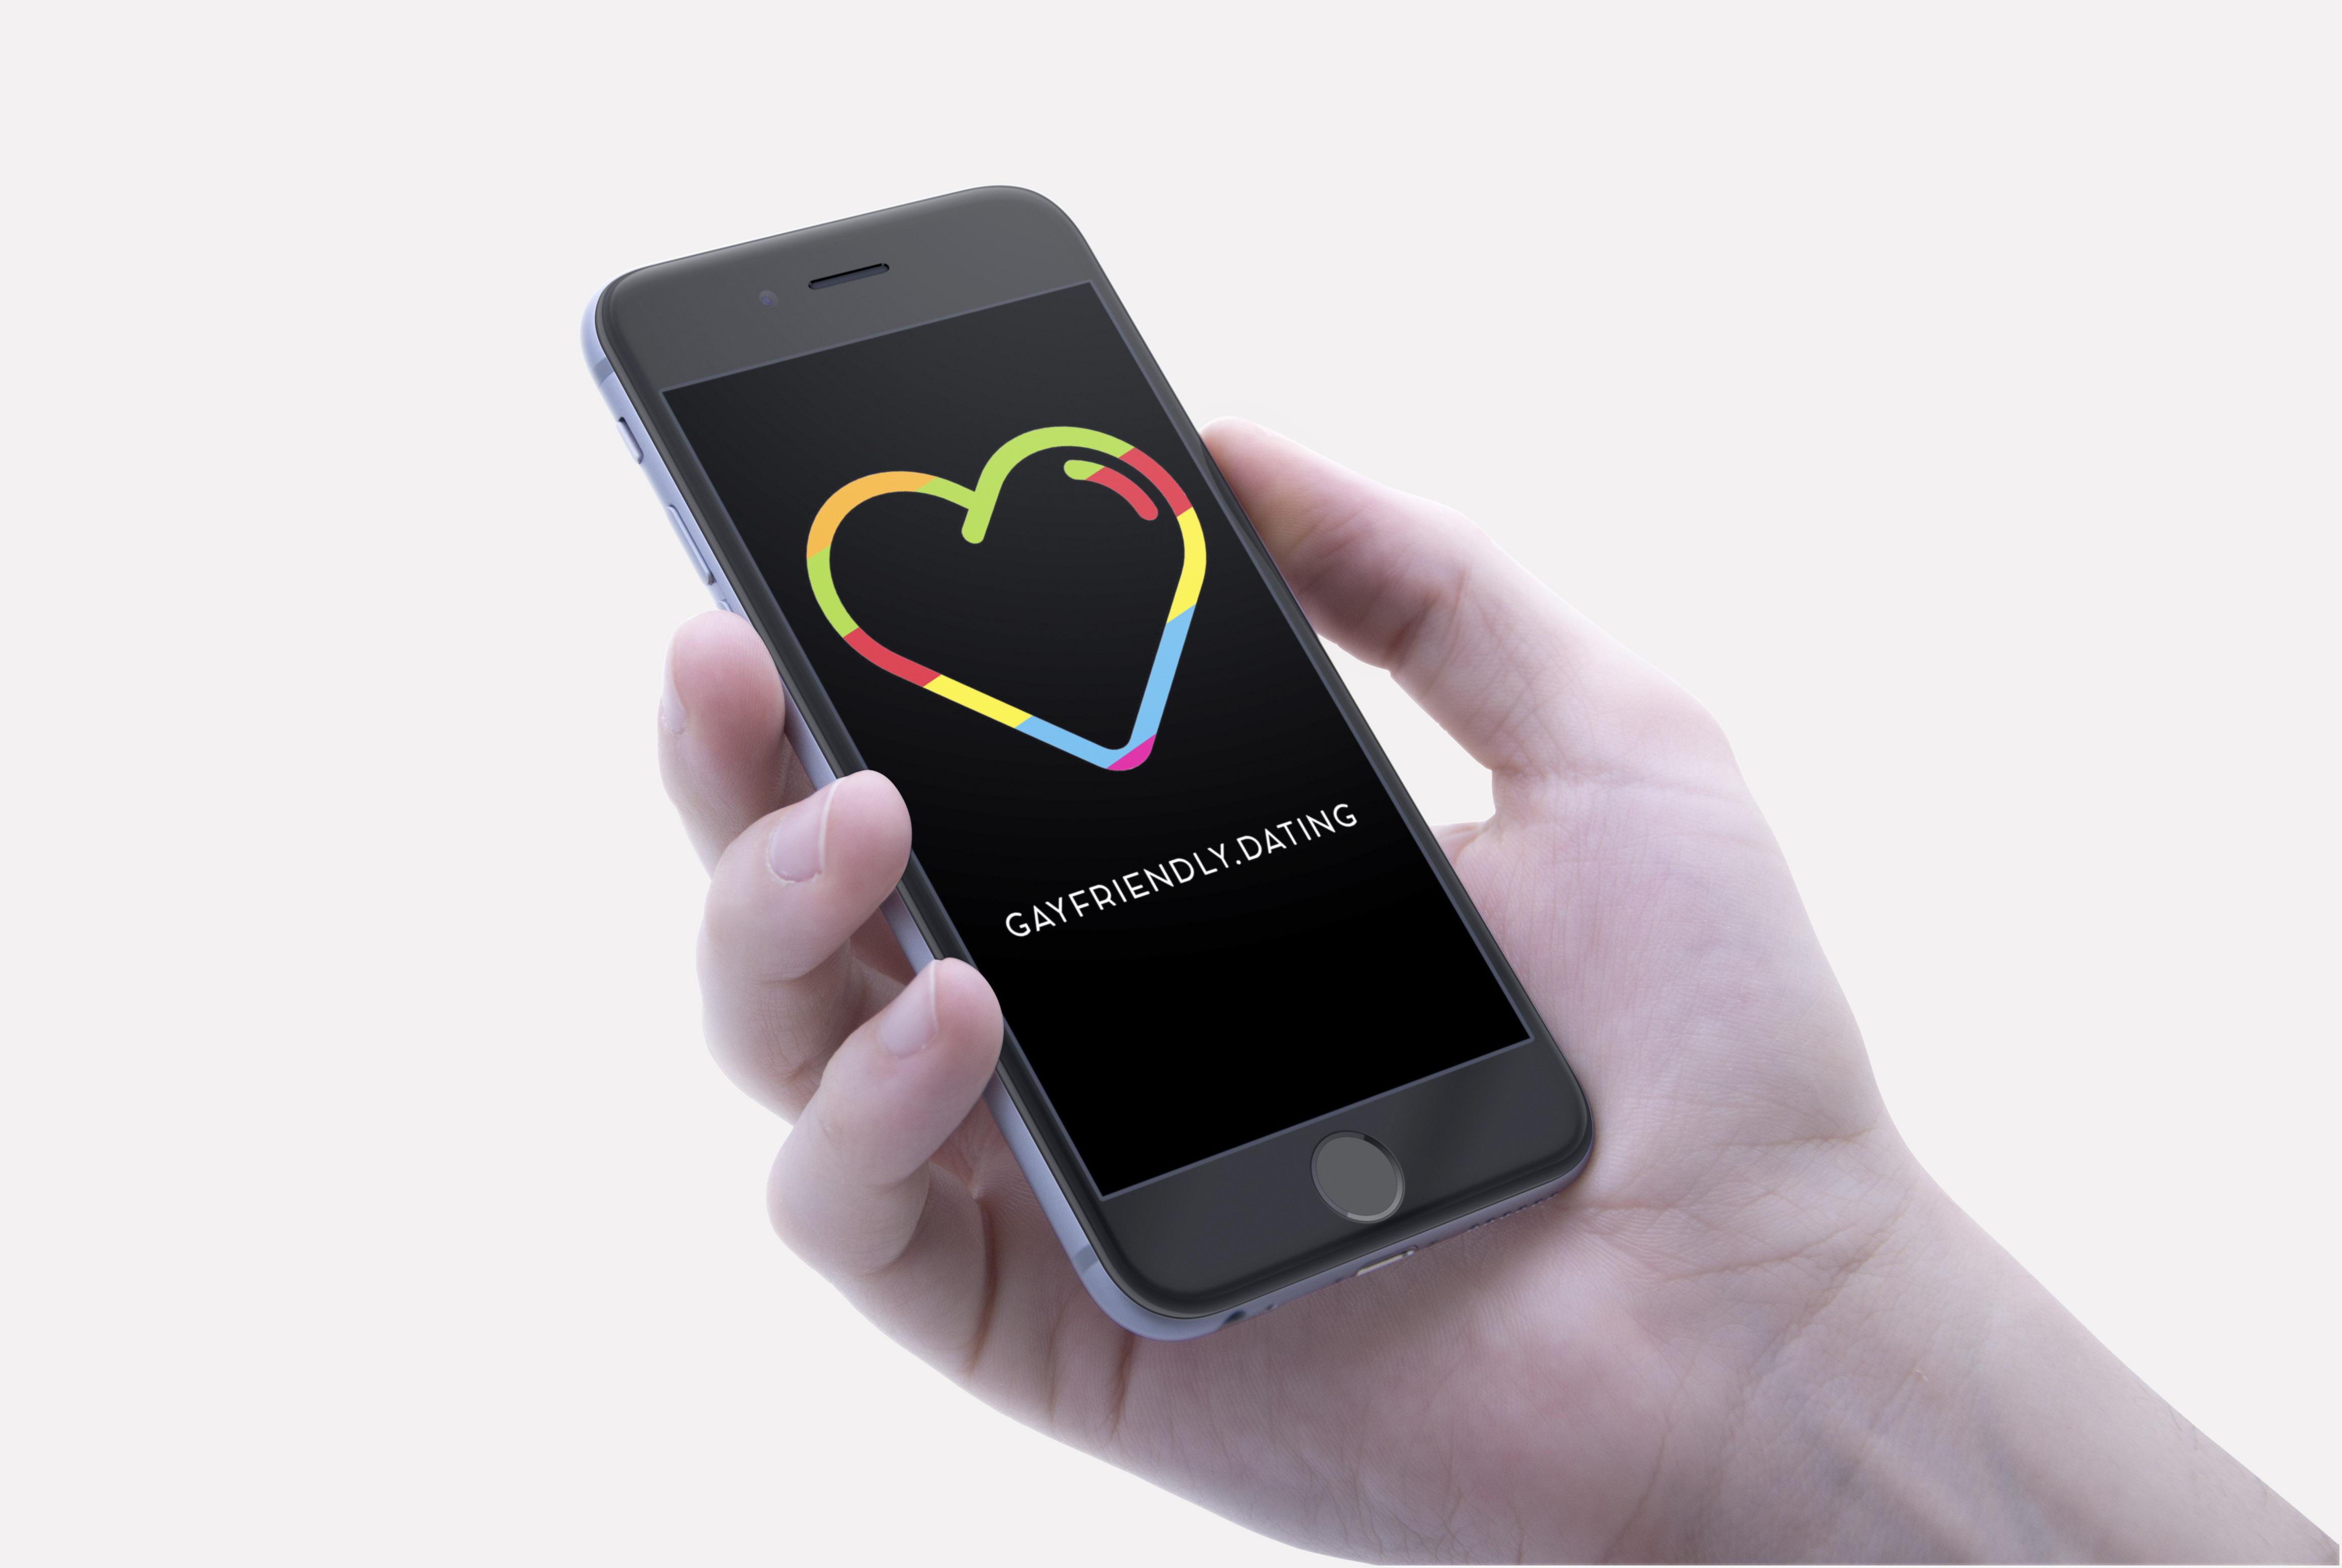 Разработать логотип для англоязычн. сайта знакомств для геев фото f_9135b4ef2d02757e.jpg